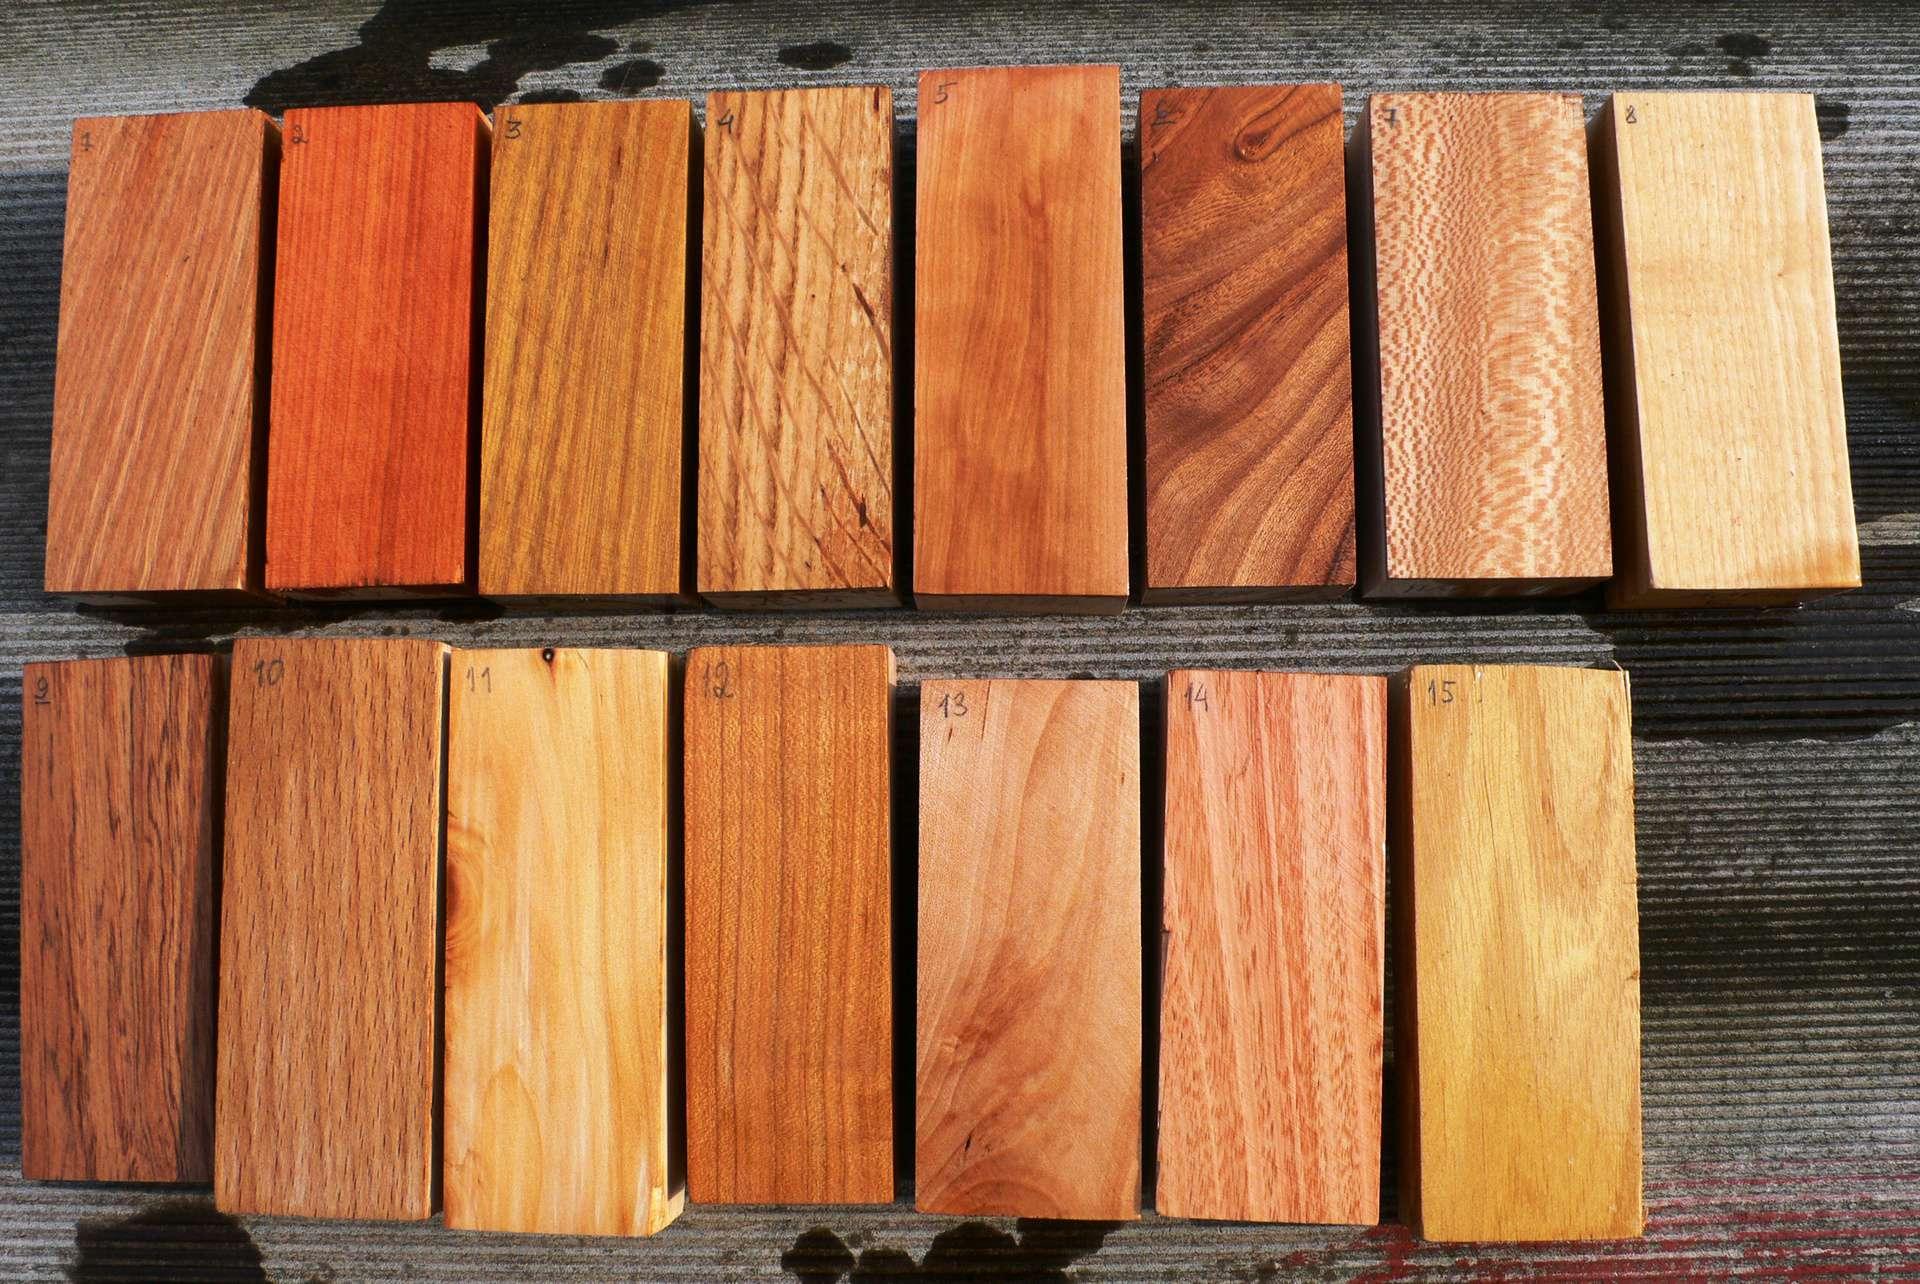 Ценные породы дерева